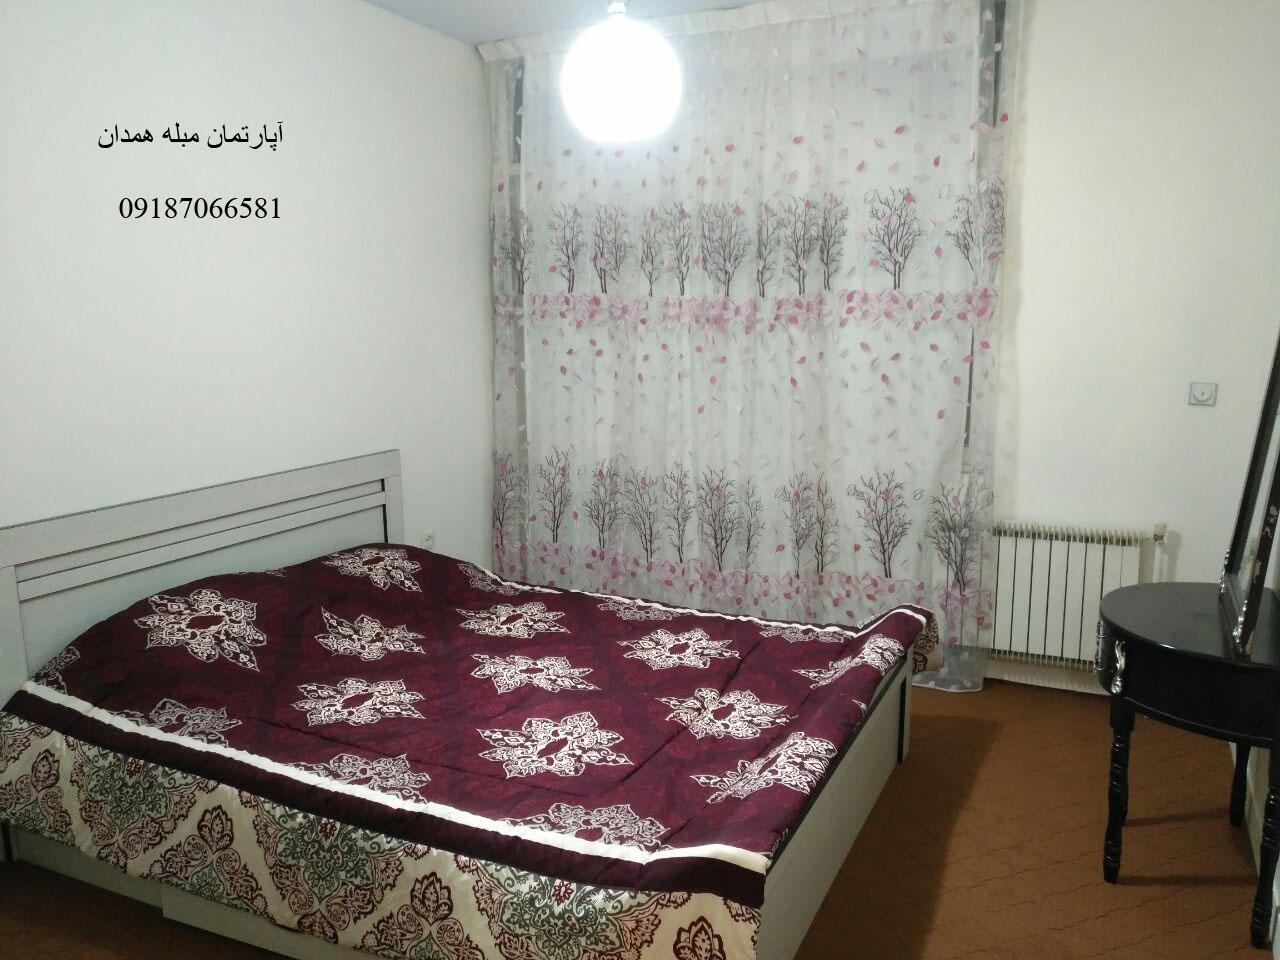 آپارتمان مبله همدان برای اجاره هفتگی و روزانه